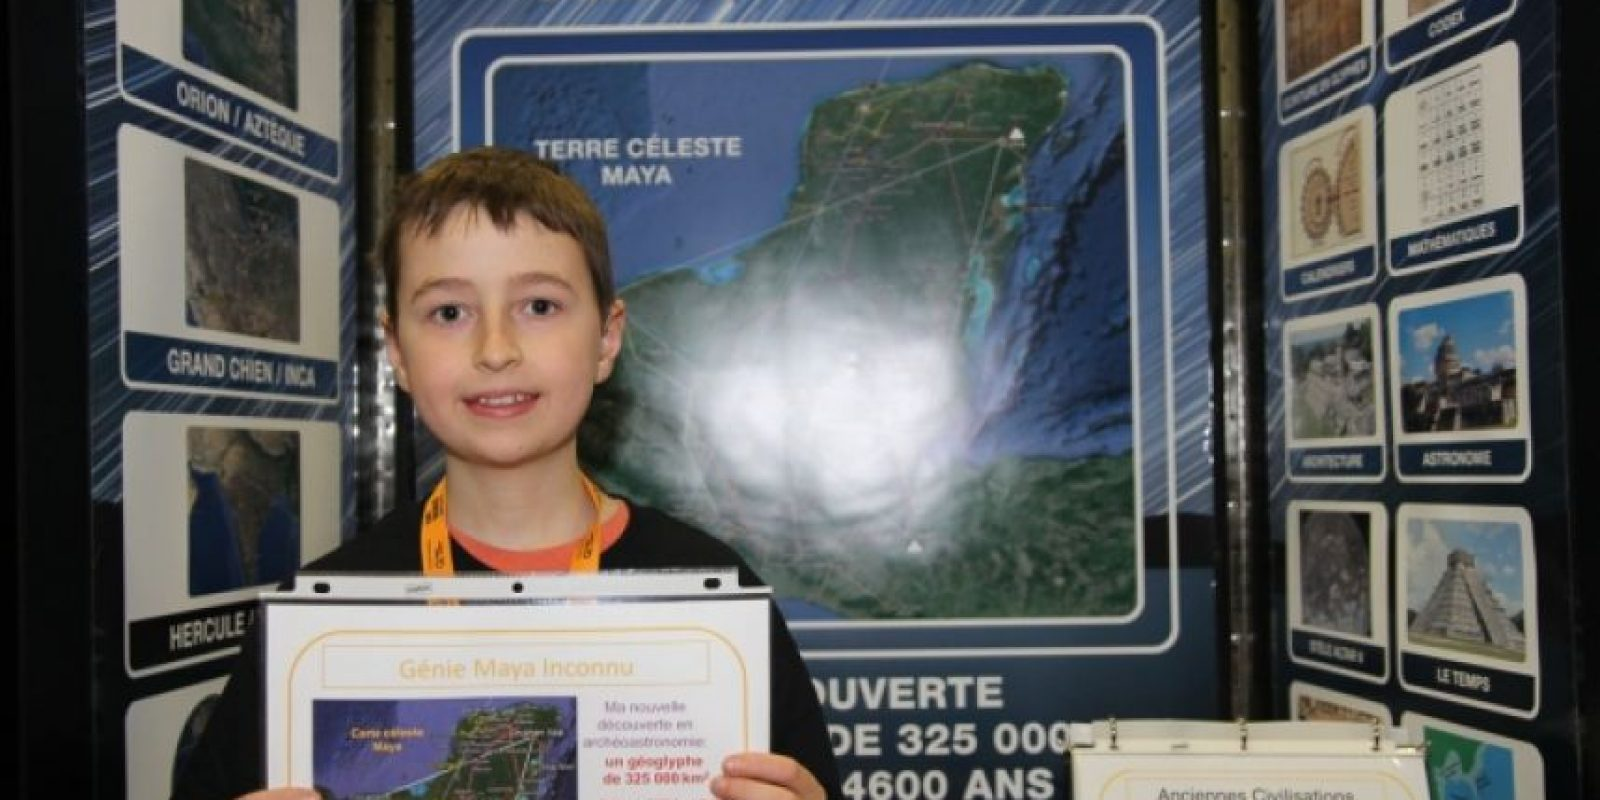 Presentó su proyecto en Quebec en julio de 2014, cuando tenía 15 años Foto:Exposciences.qc.ca